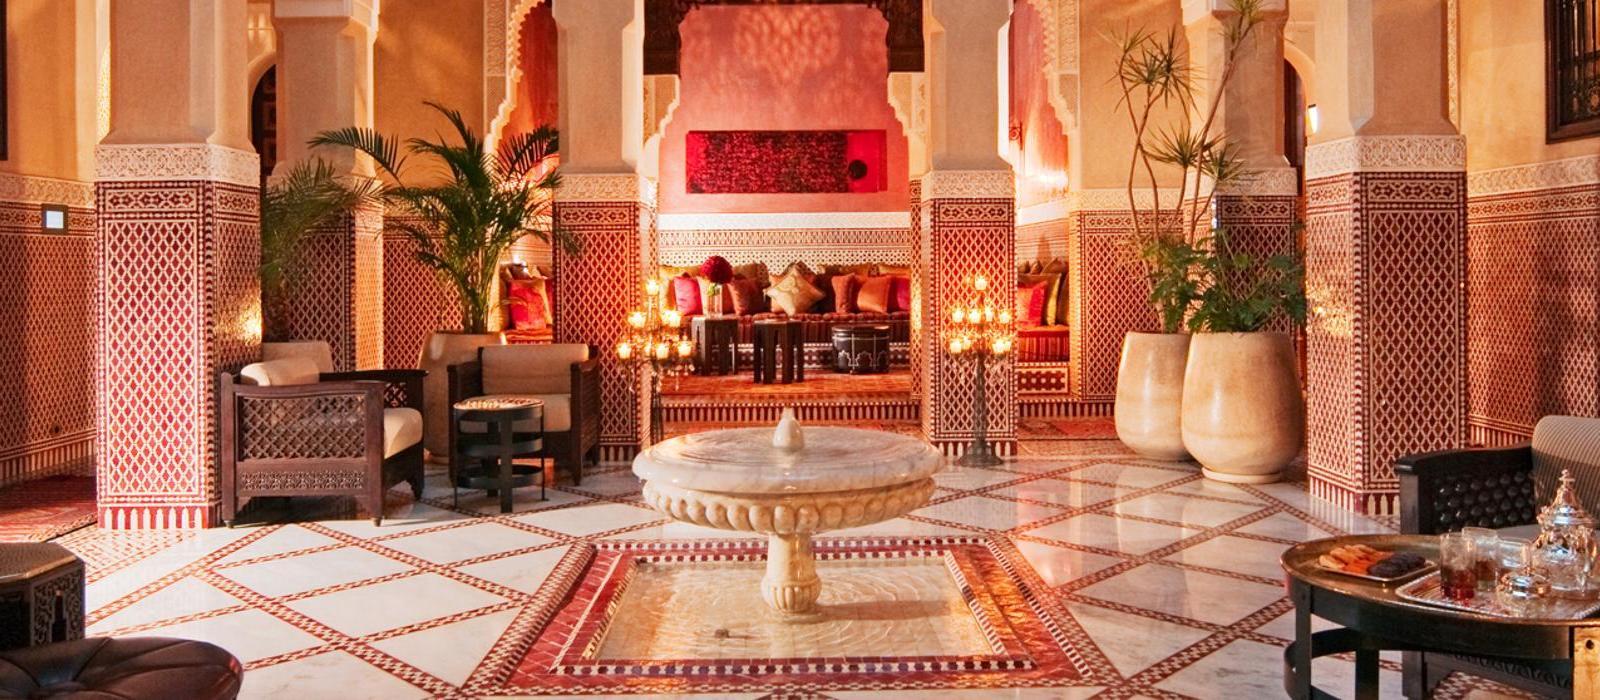 马拉喀什皇家曼苏尔酒店(Royal Mansour Marrakech) 图片  www.lhw.cn